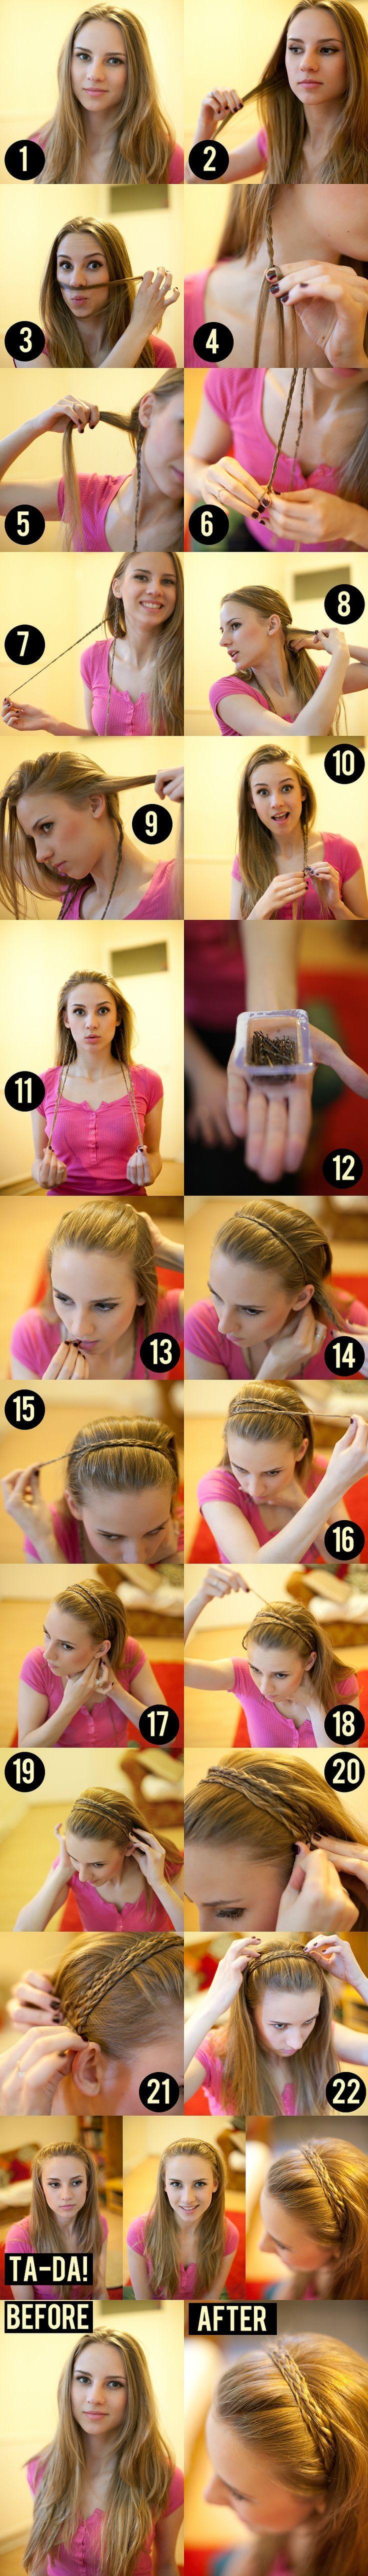 Прически с распущенными волосами фото и видео - Мой секрет 11